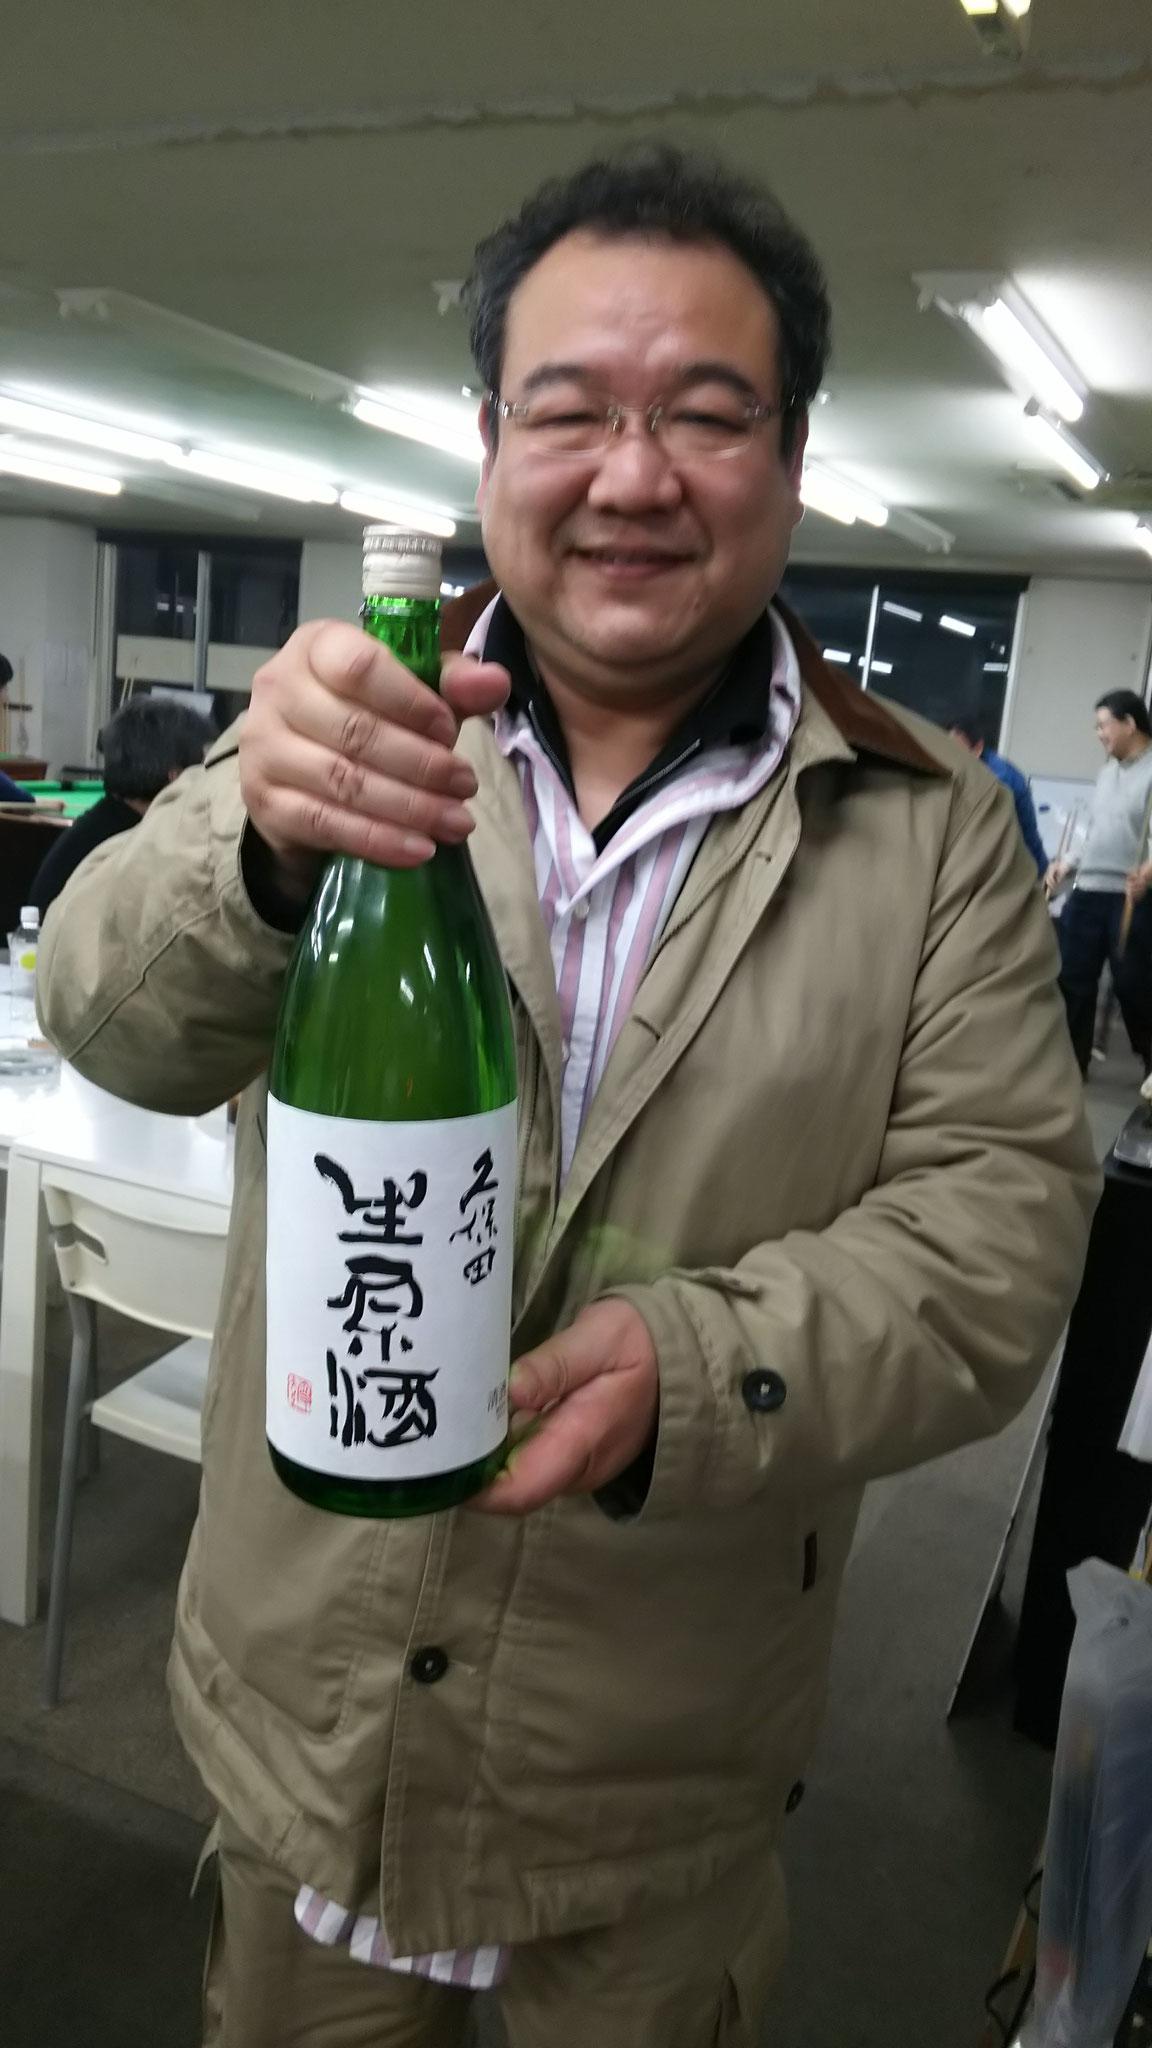 𠮷村さんが久保田を予約して持ってきてくださいました!